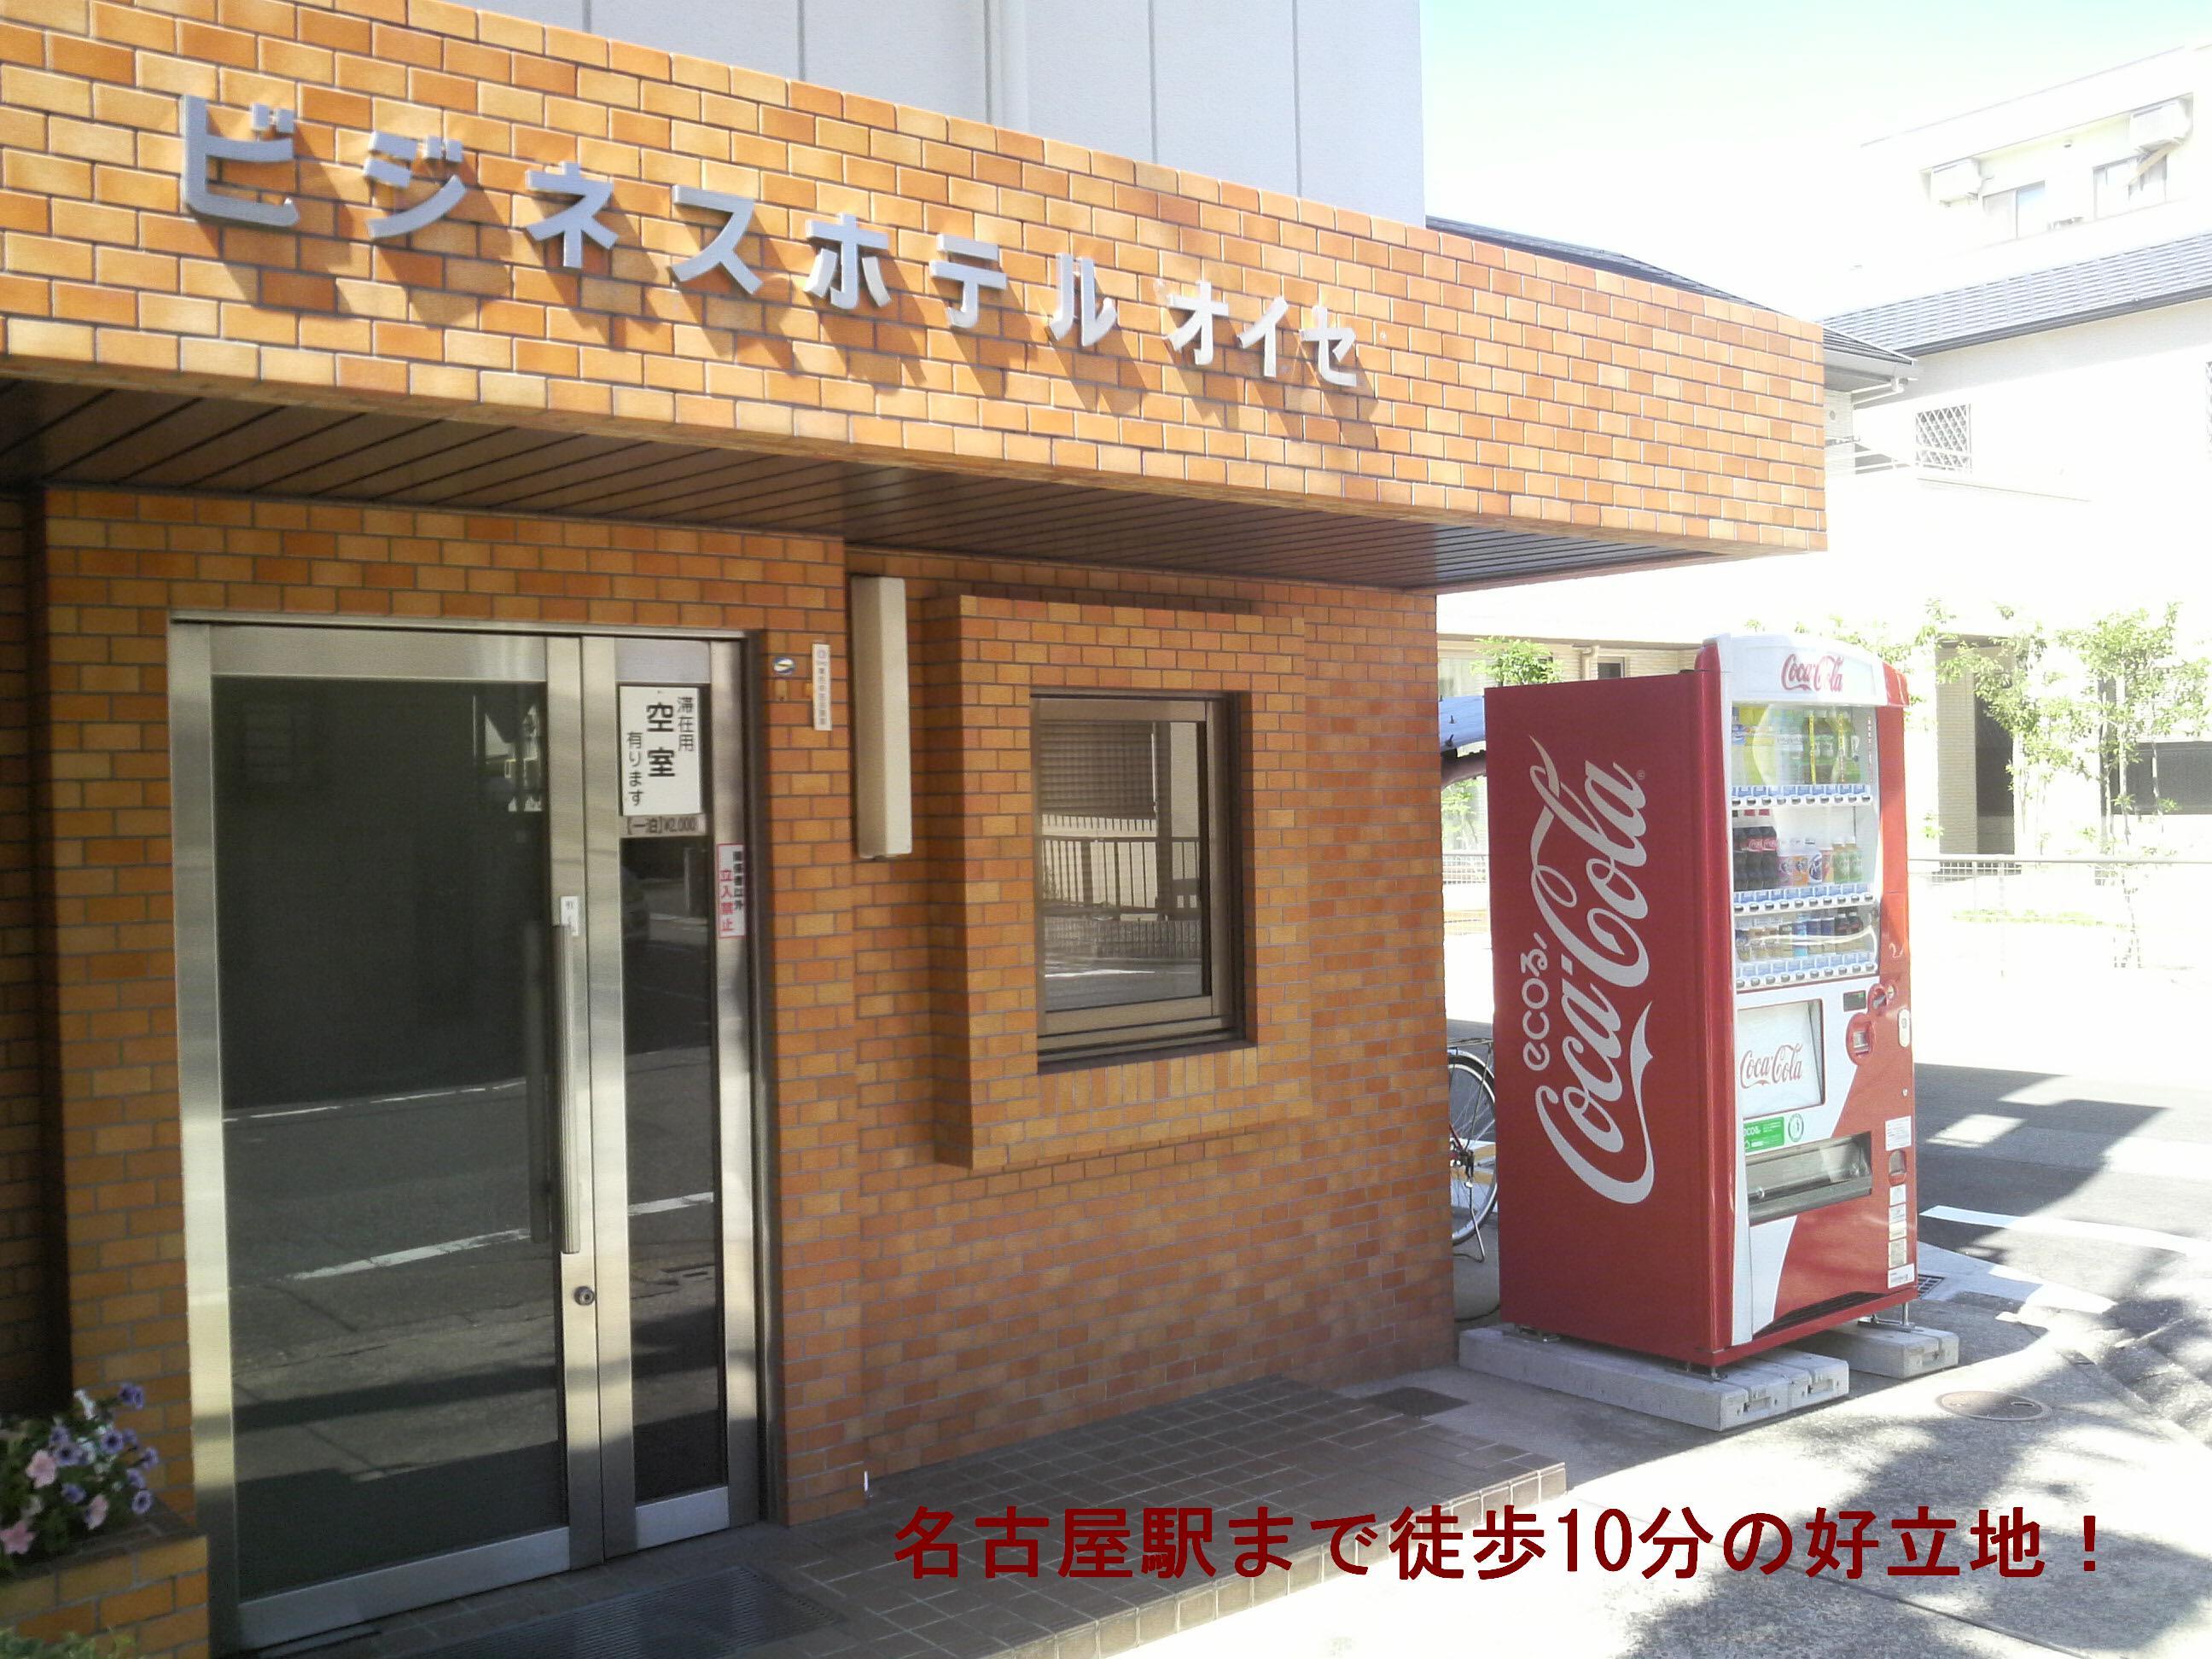 「名古屋駅」近くの格安ビジネスホテル【ビジネスホテル オ ...